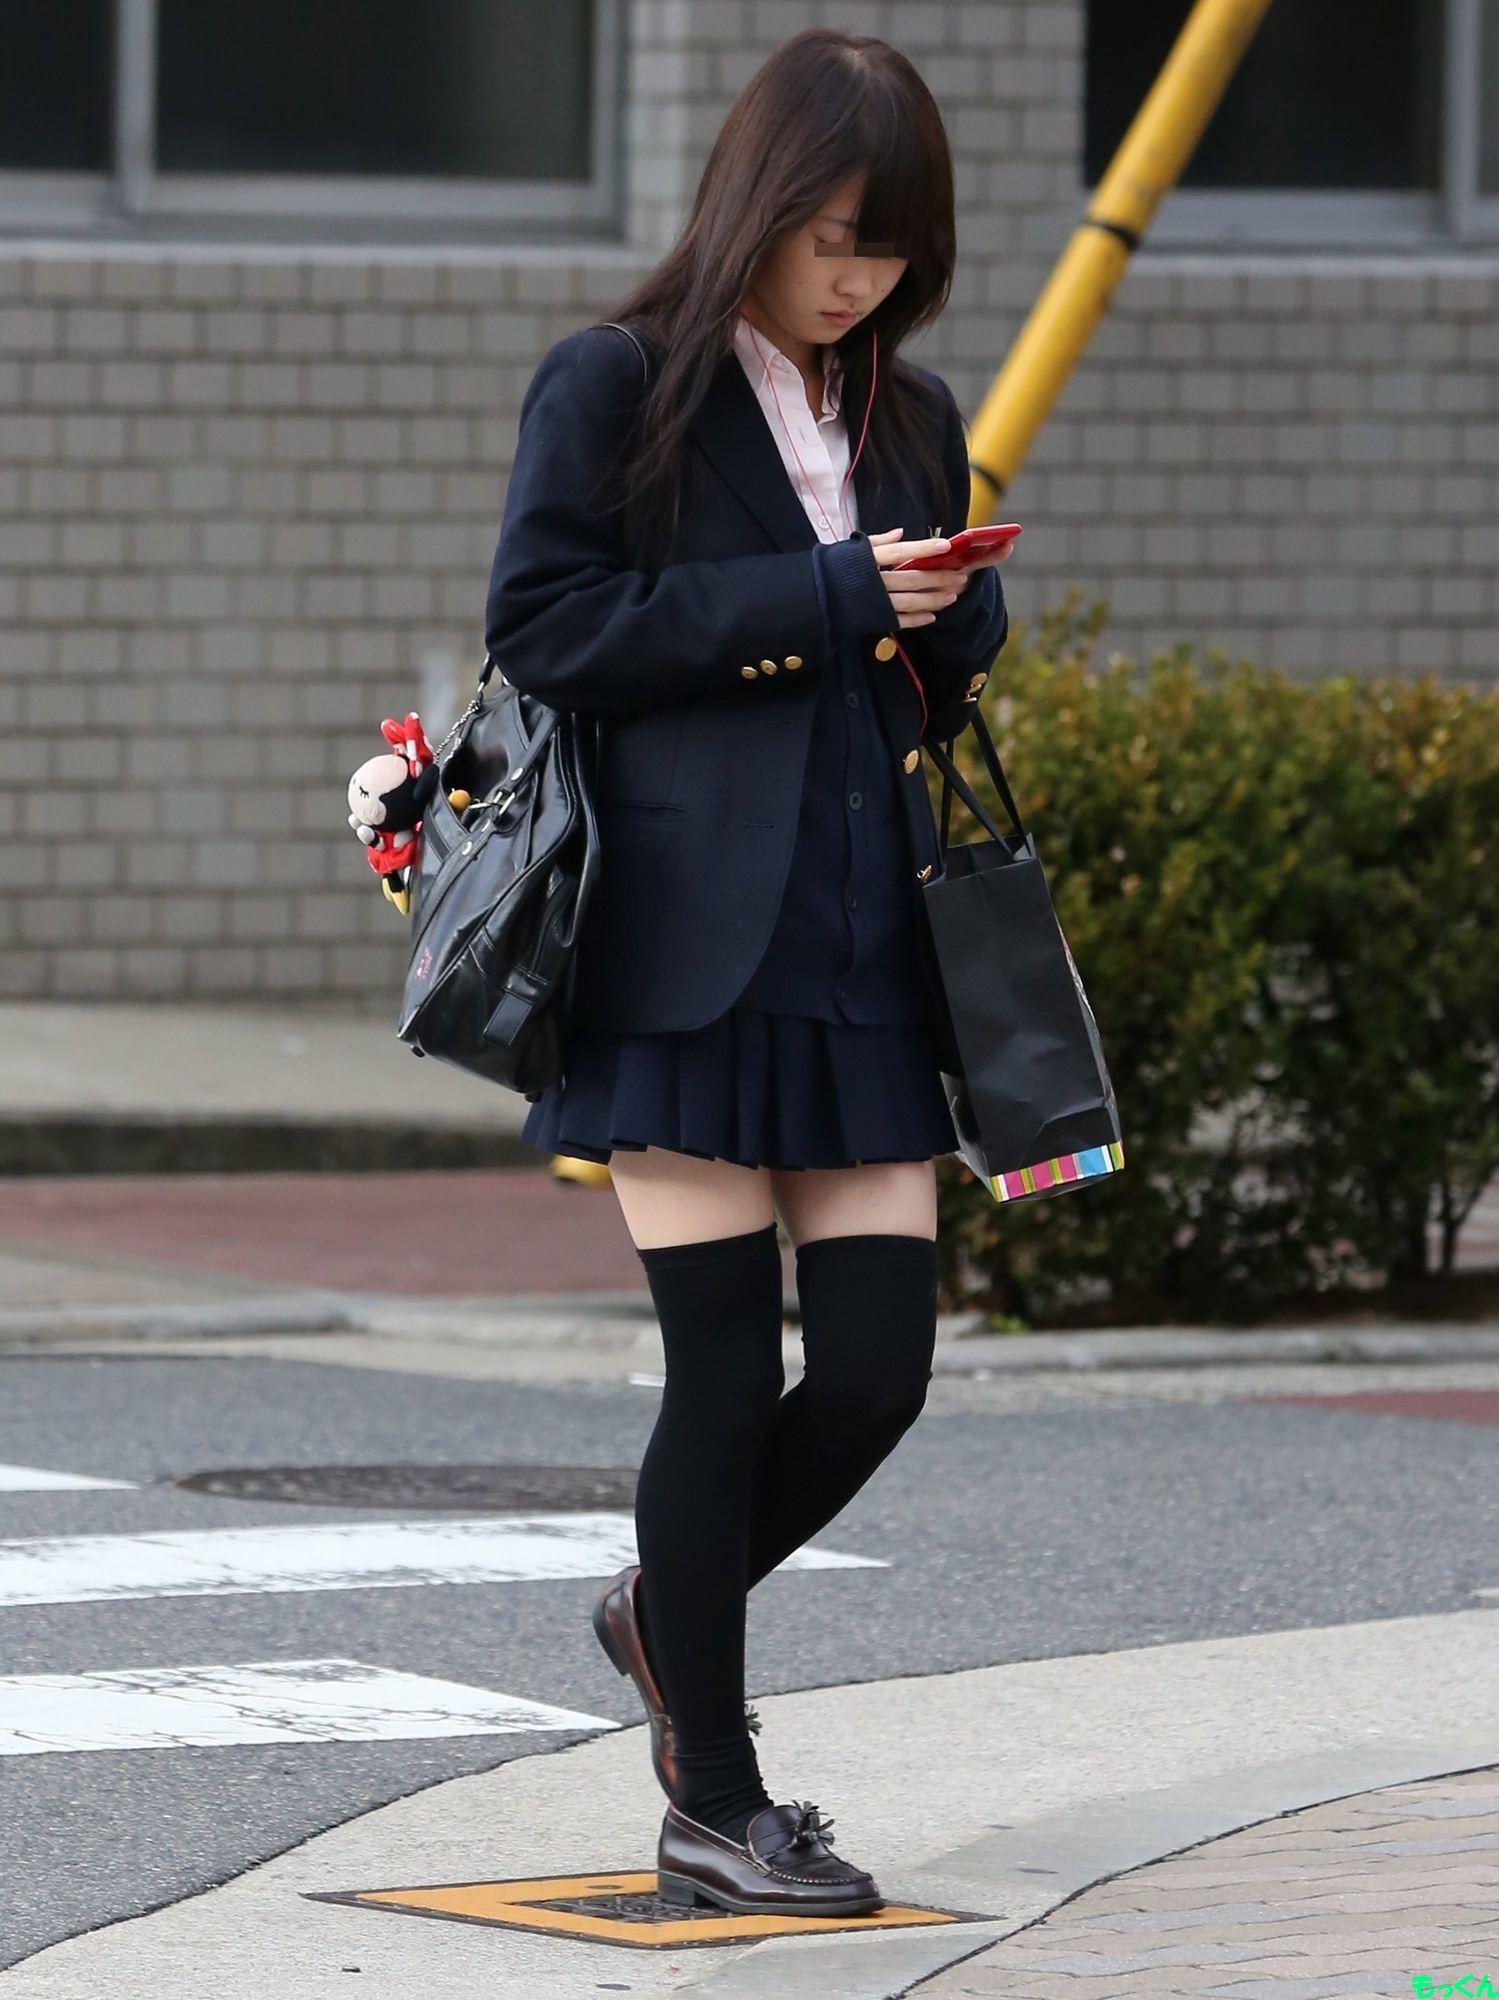 女子高生の靴下大好きソックスフェチ画像wwwwwwwwww AjSHmzY